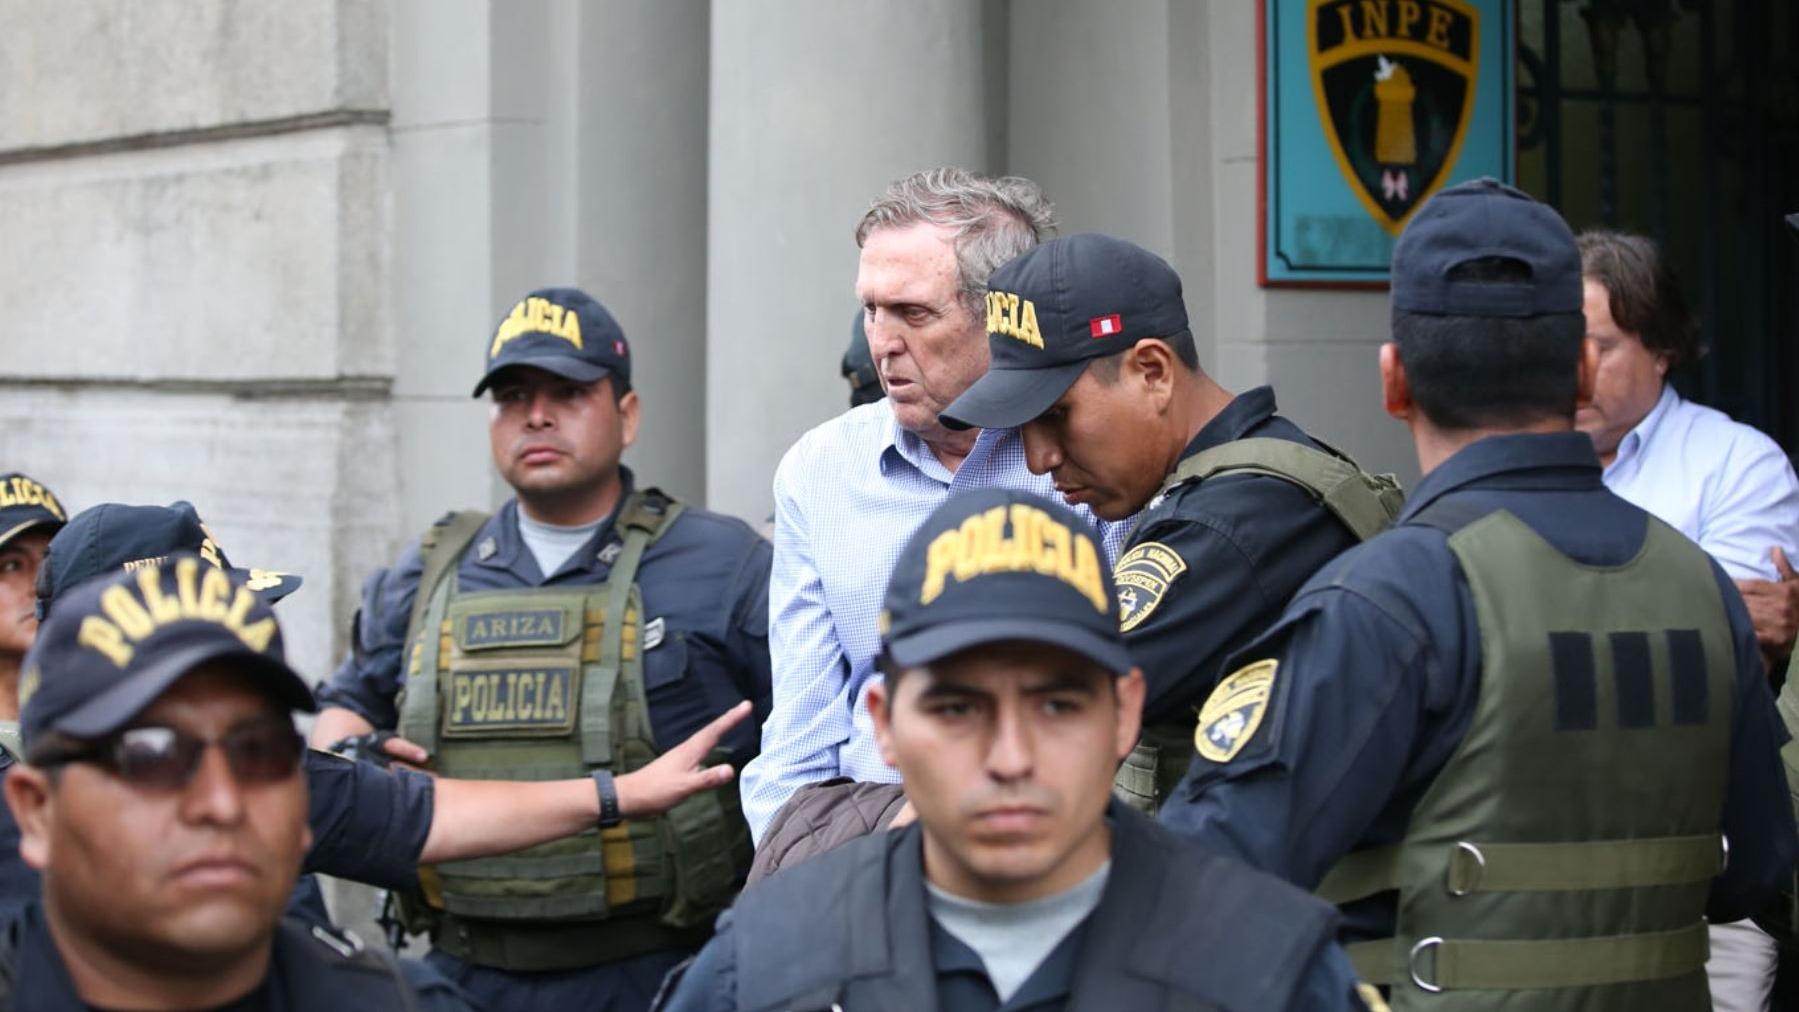 José y Hernando Graña fueron sentenciados a 18 meses de prisión preventiva.